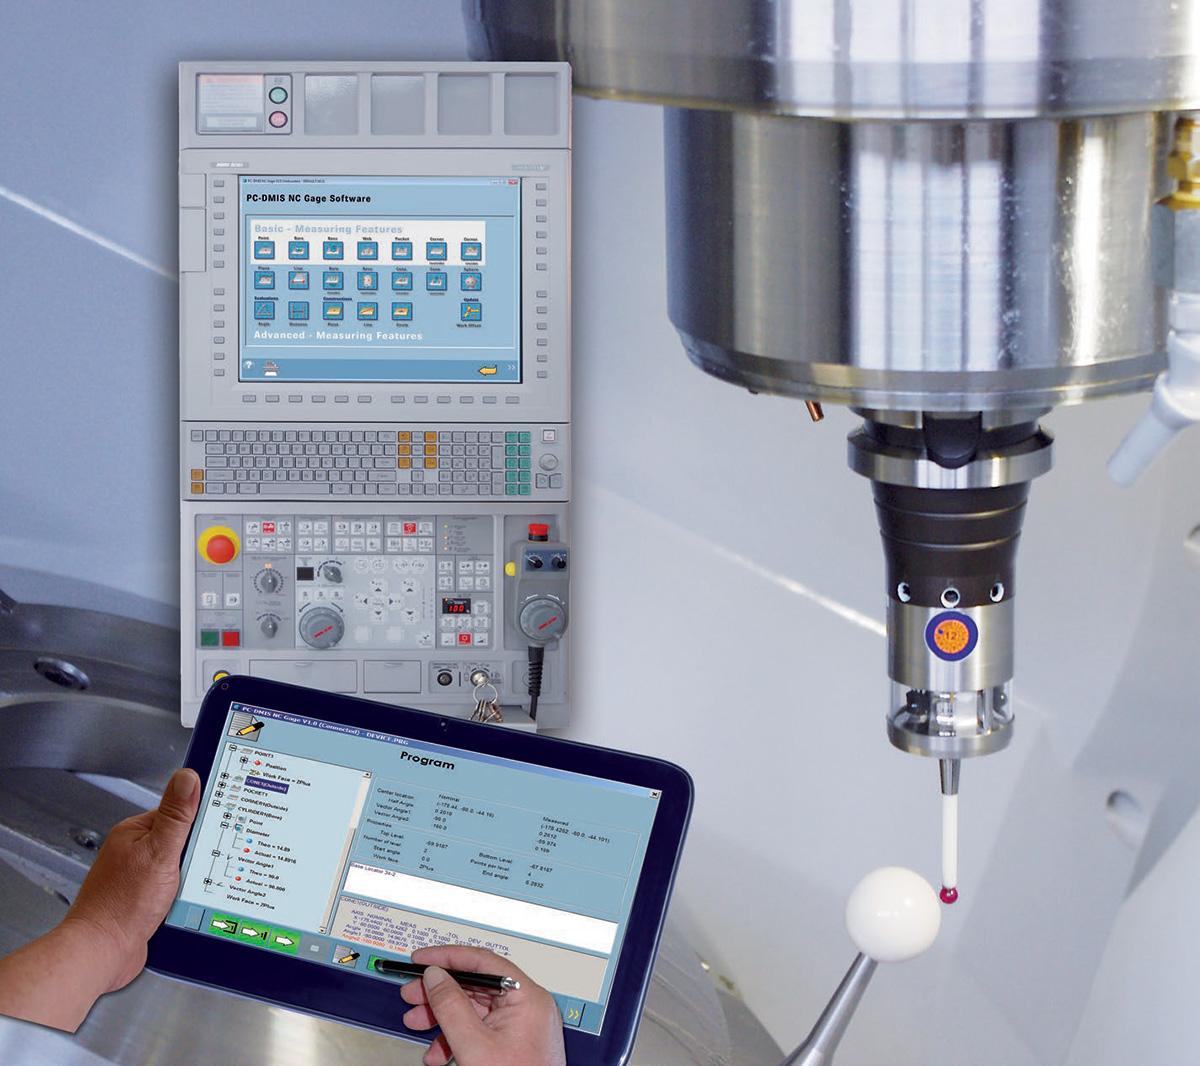 Программное обеспечение PC-DMIS как инструмент 3D печати